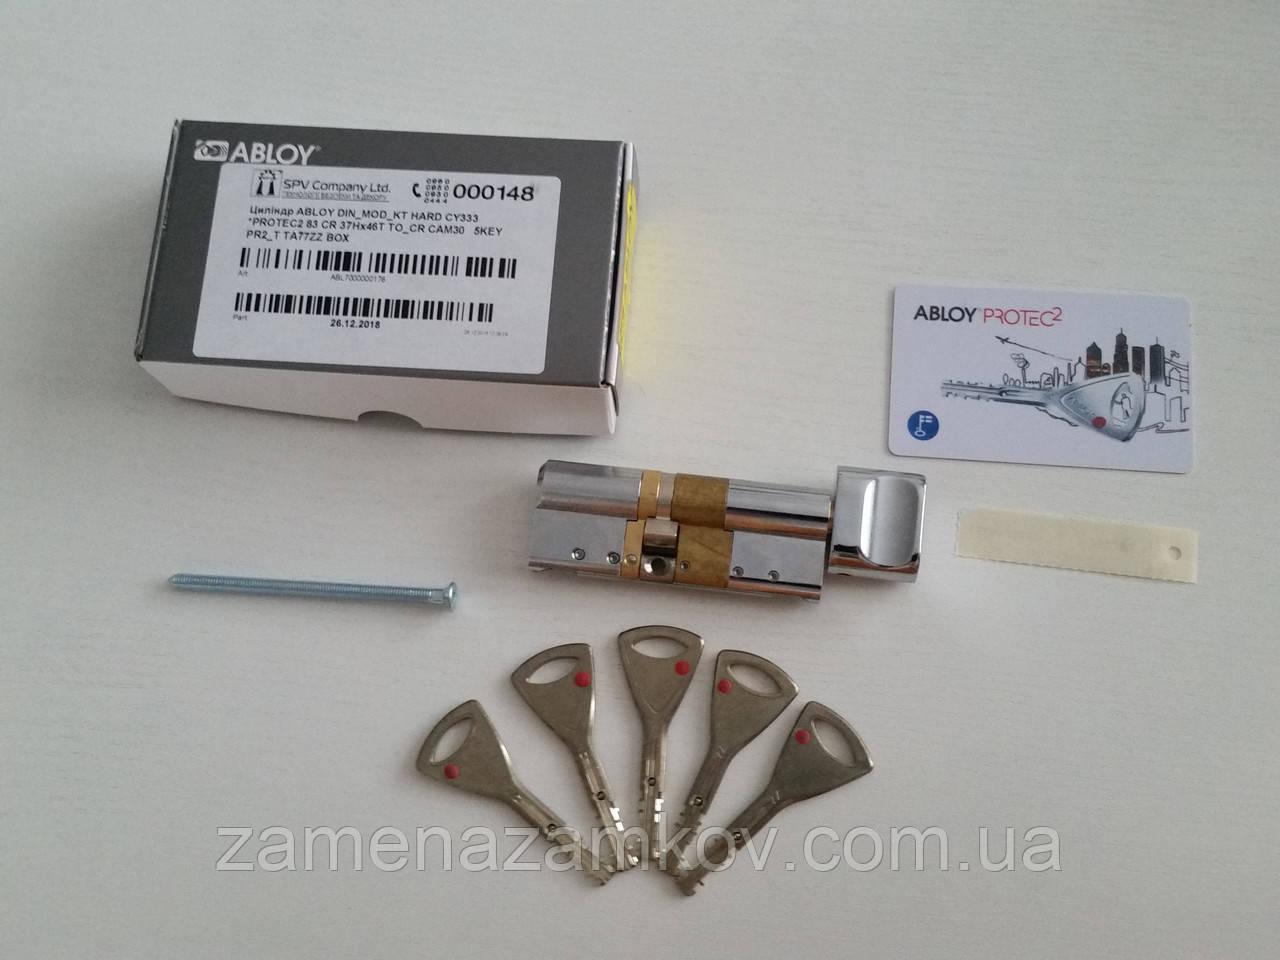 Abloy Protec цилиндровый механизм 62мм Abloy Protec CY322 цена Киев